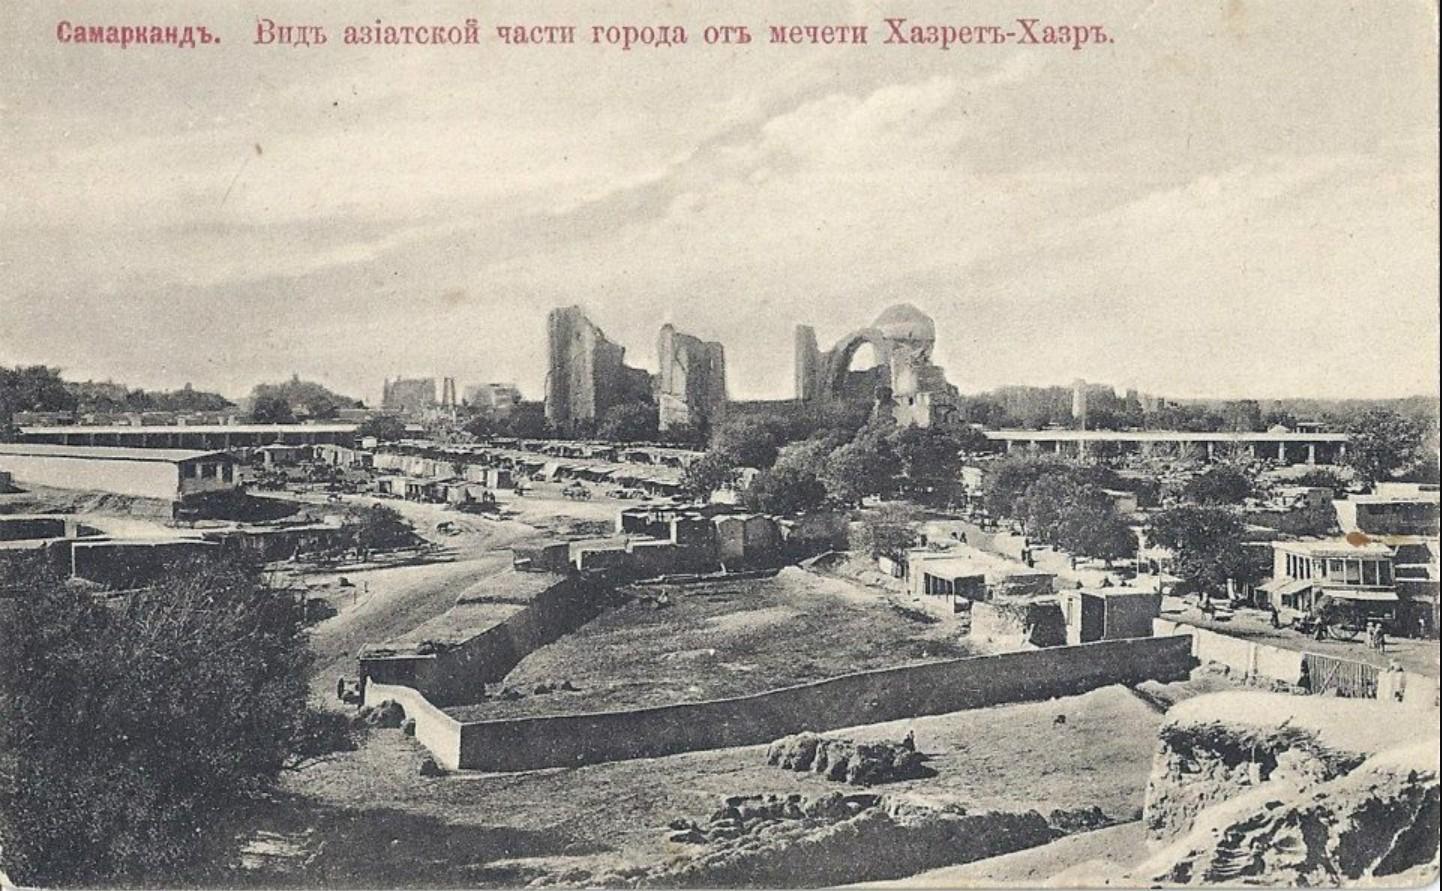 Вид азиатской части города от мечети Хазрет-Хазр